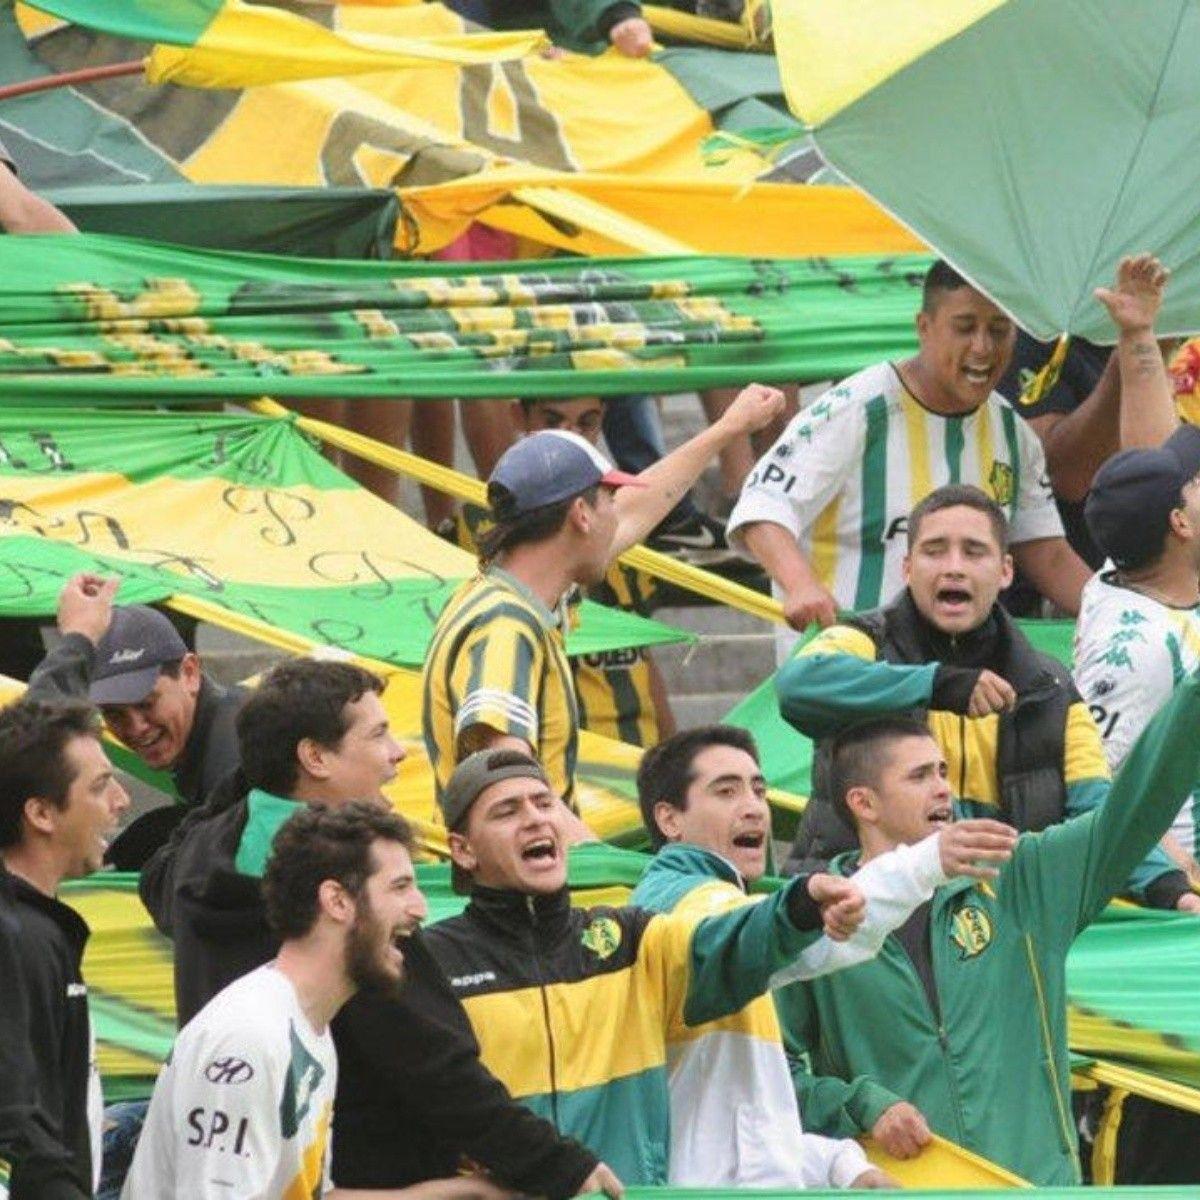 Un grupo de violentos de Aldosivi atacó a un hincha de Lanús con discapacidades físicas en la previa del partido.